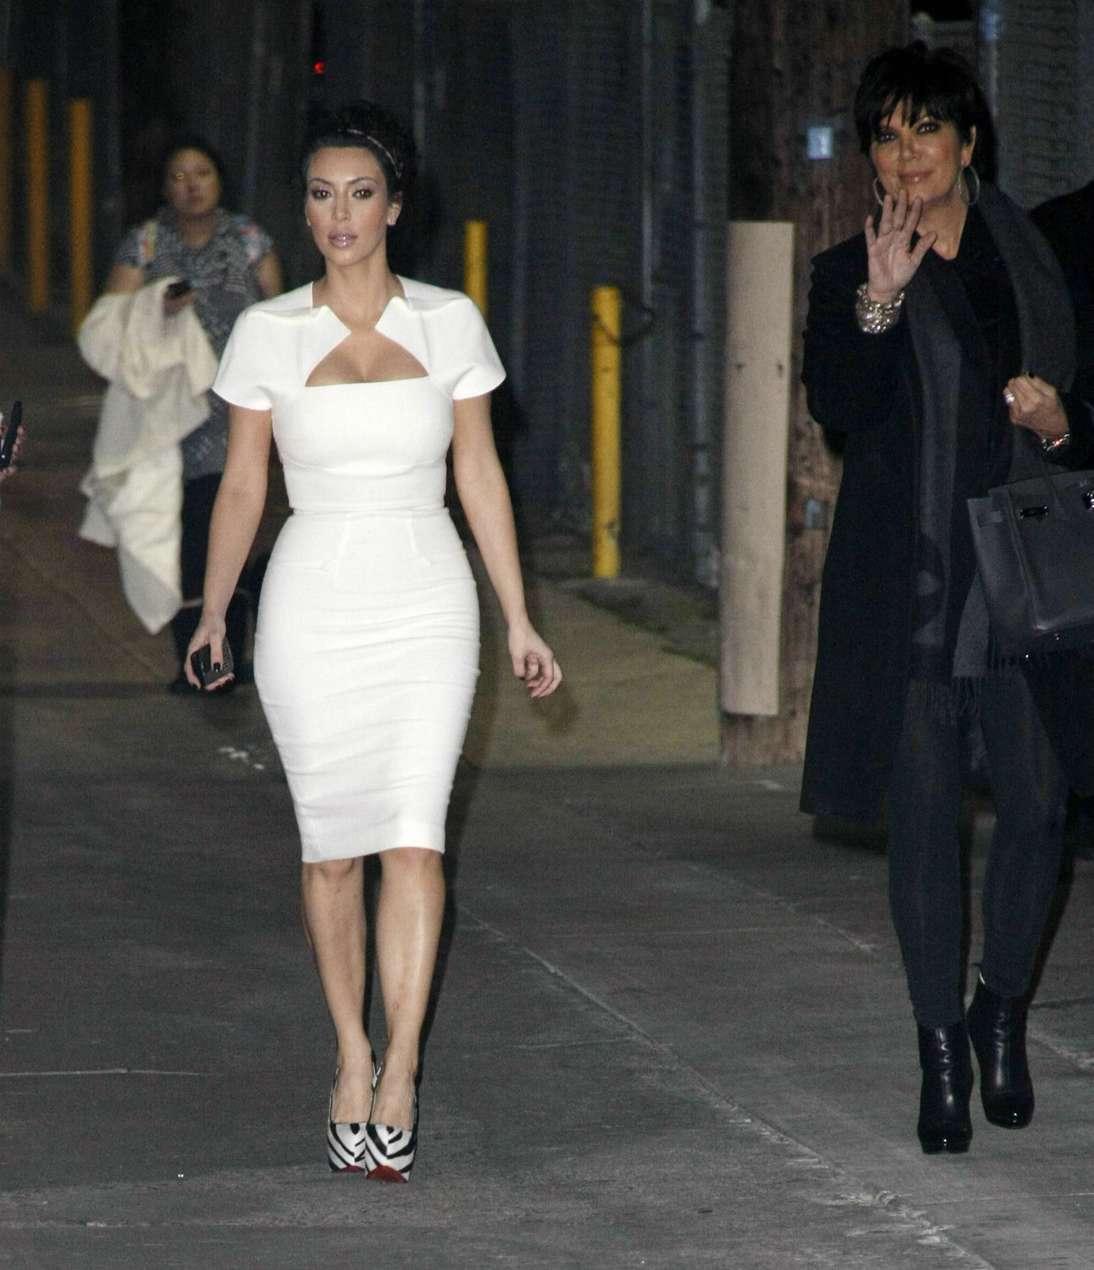 http://1.bp.blogspot.com/-pU-7cTZSO4g/Tca9C2GxRrI/AAAAAAAAF6w/Q9H9NQHeUjQ/s1600/kim_kardashian_04.jpg